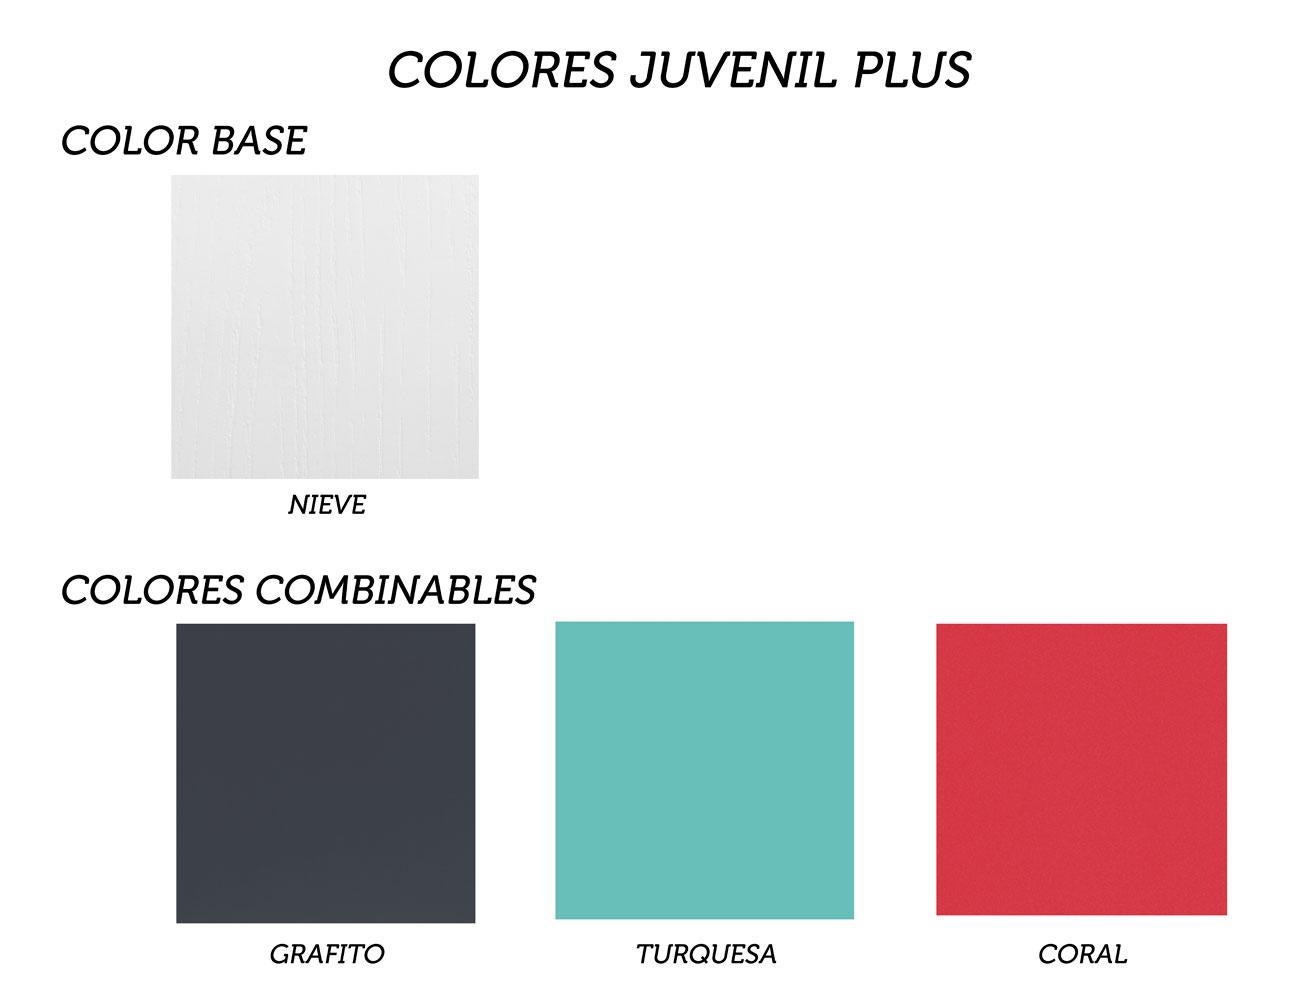 Colores dormitorios juveniles5